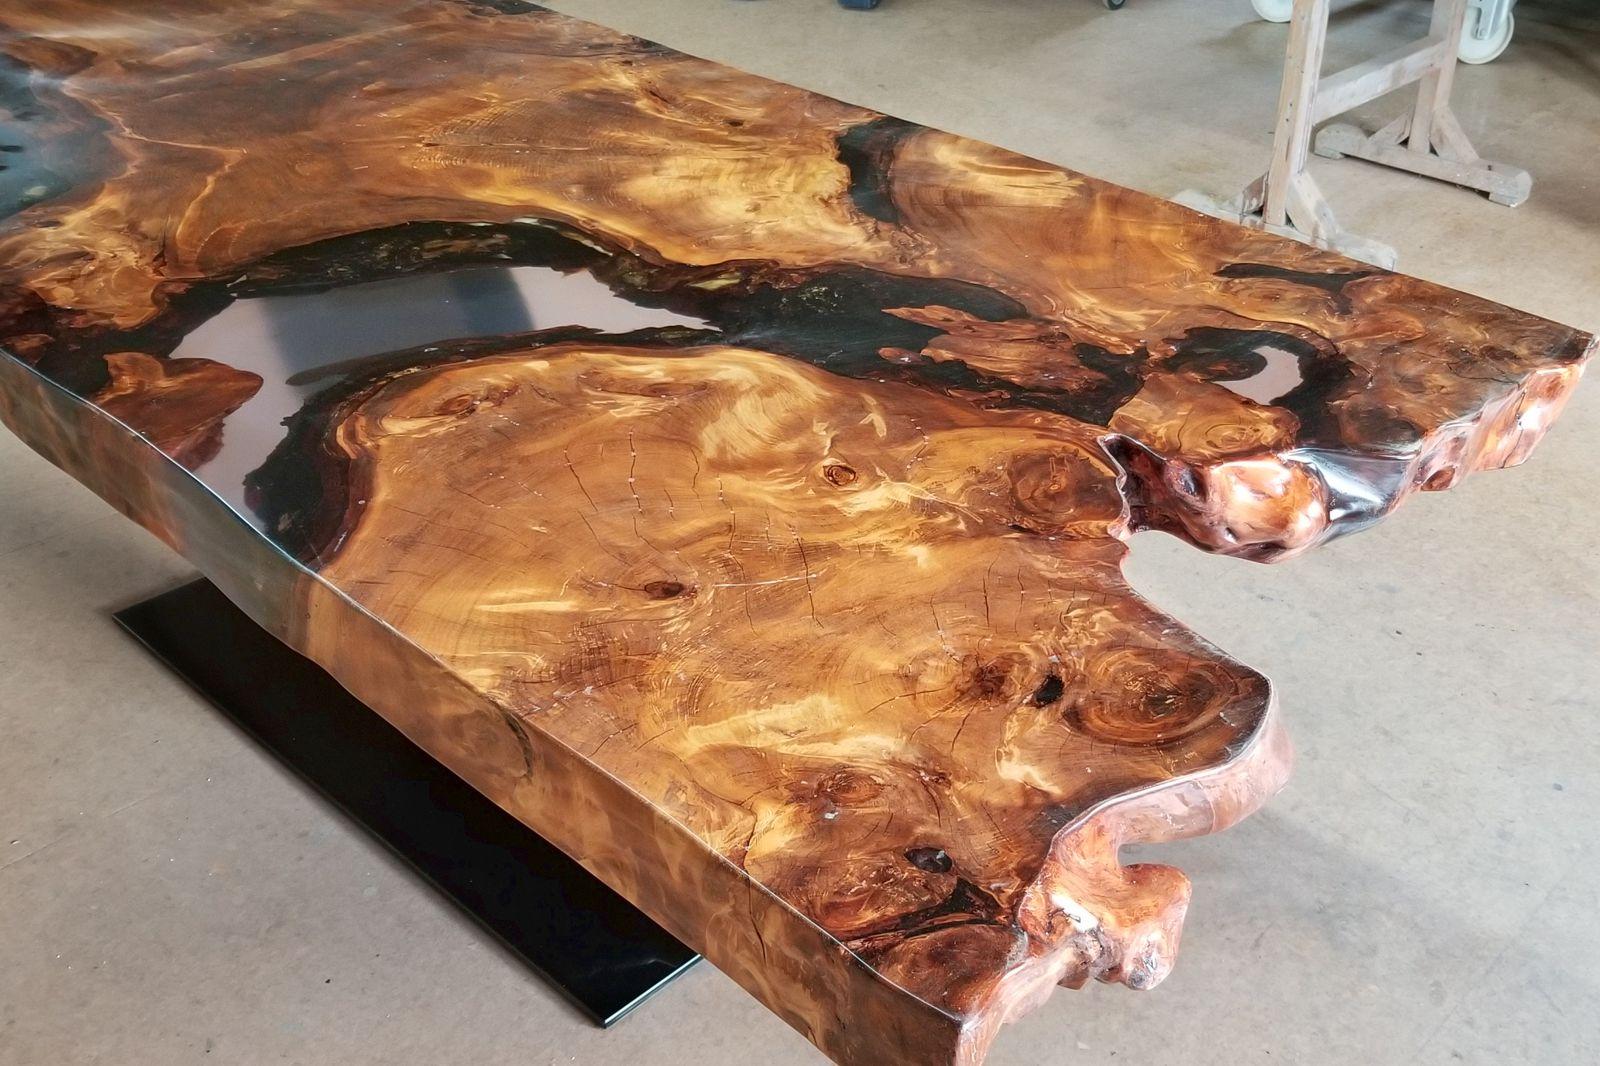 Einzigartiger Kauri Wurzelholz Tischplatte als hochwertigen Epoxidharztisch mit sehr markanten Naturkanten nach Kundenwunsch angefertigt